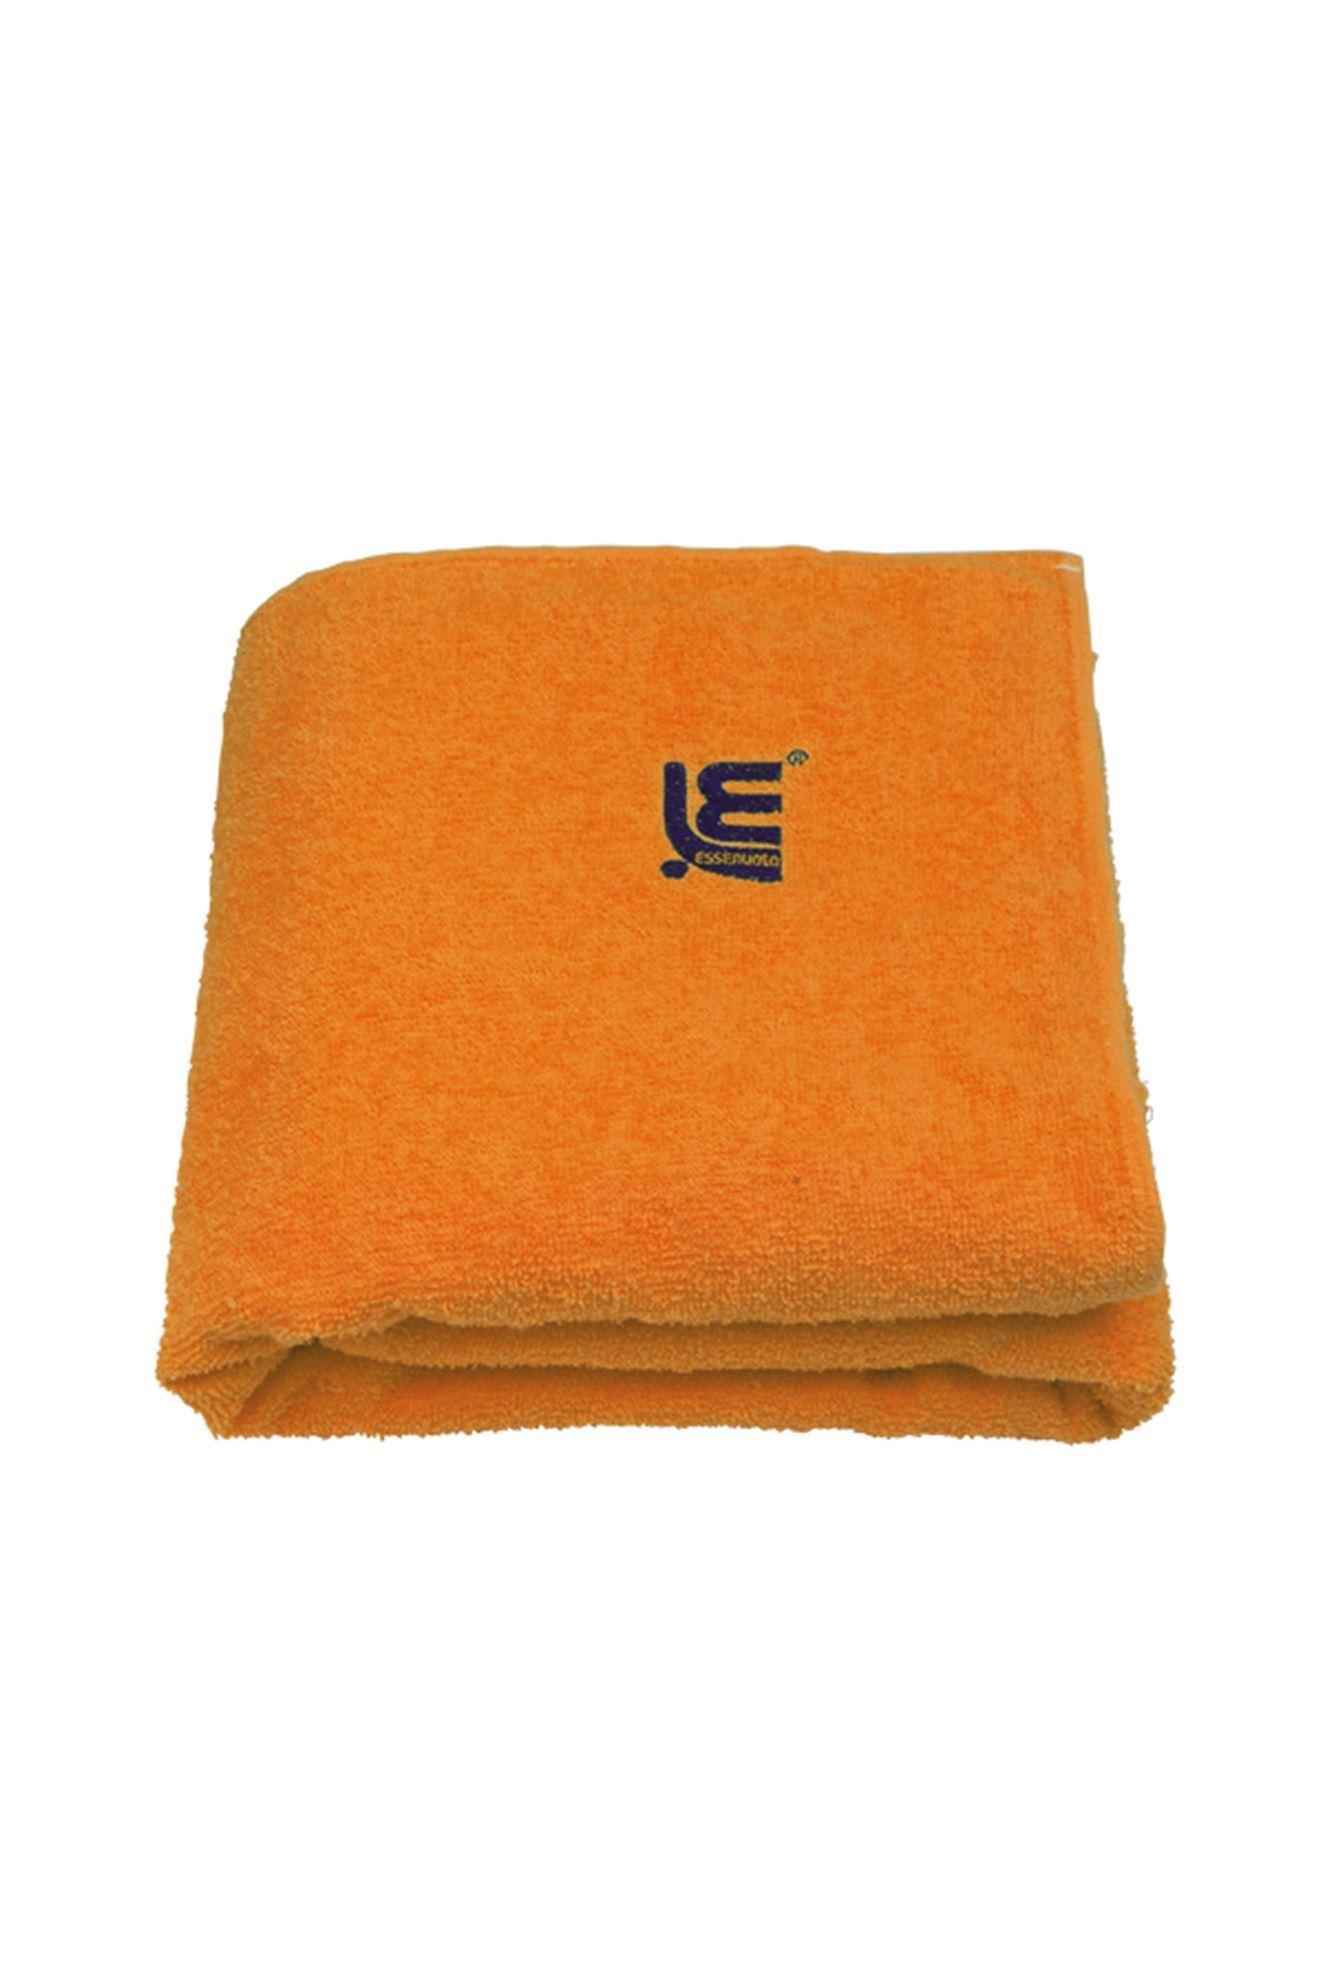 204013 PLAIN COLOUR TOWEL 70X130 CM